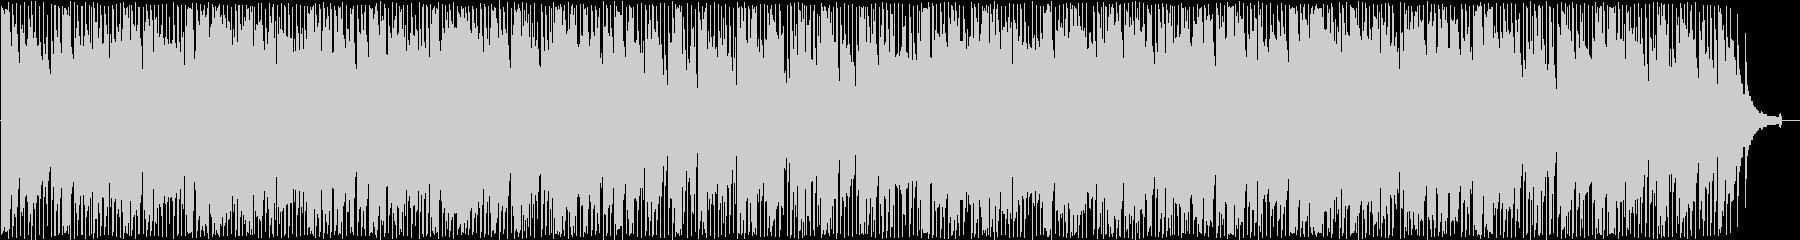 優しいシンセサイザーサウンドの未再生の波形